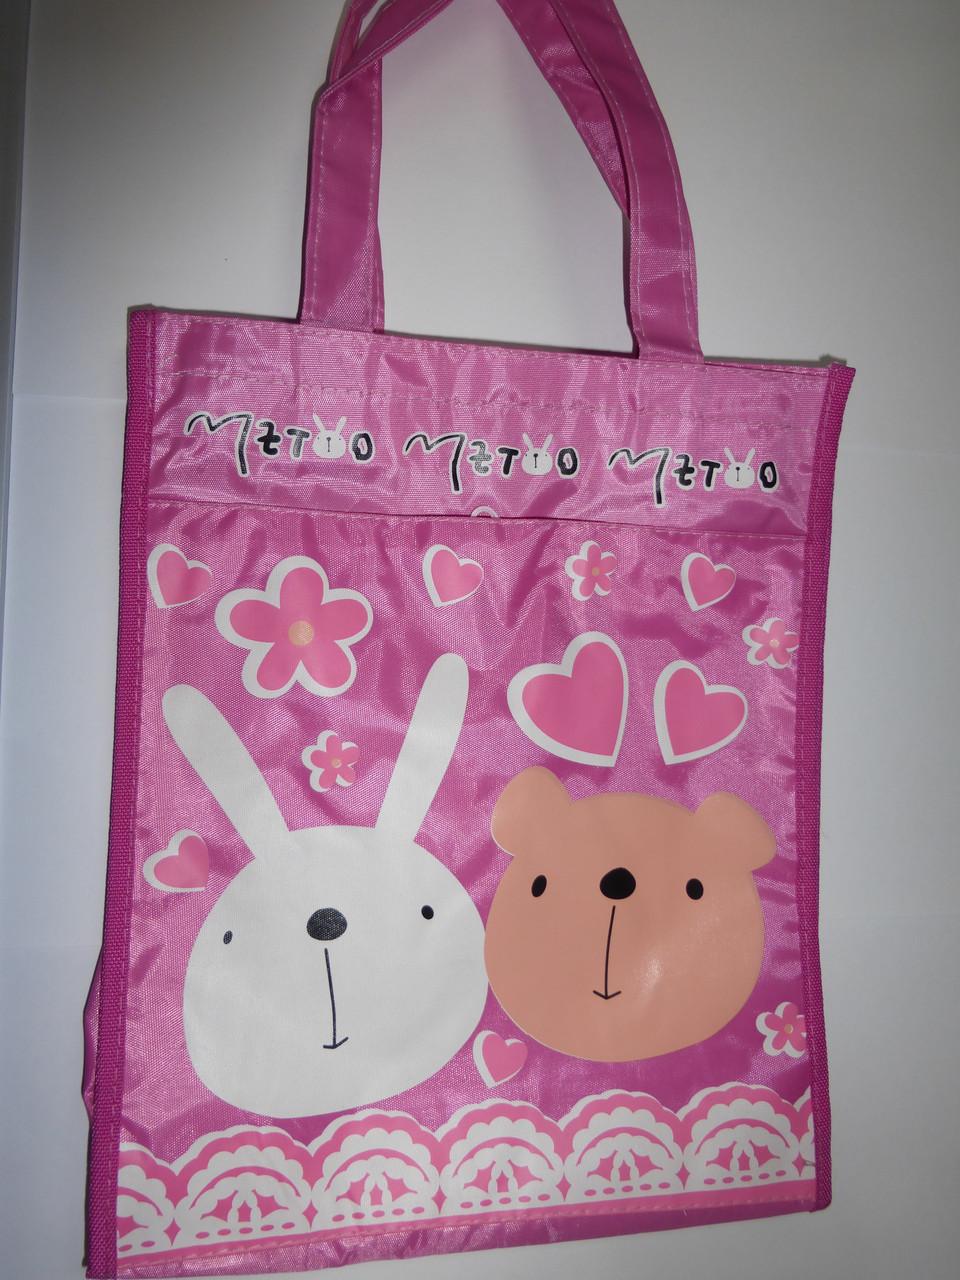 160ecbc21b2b Сумка-портфель А4 детская объемная с 2-мя отделениями - Интернет-магазин